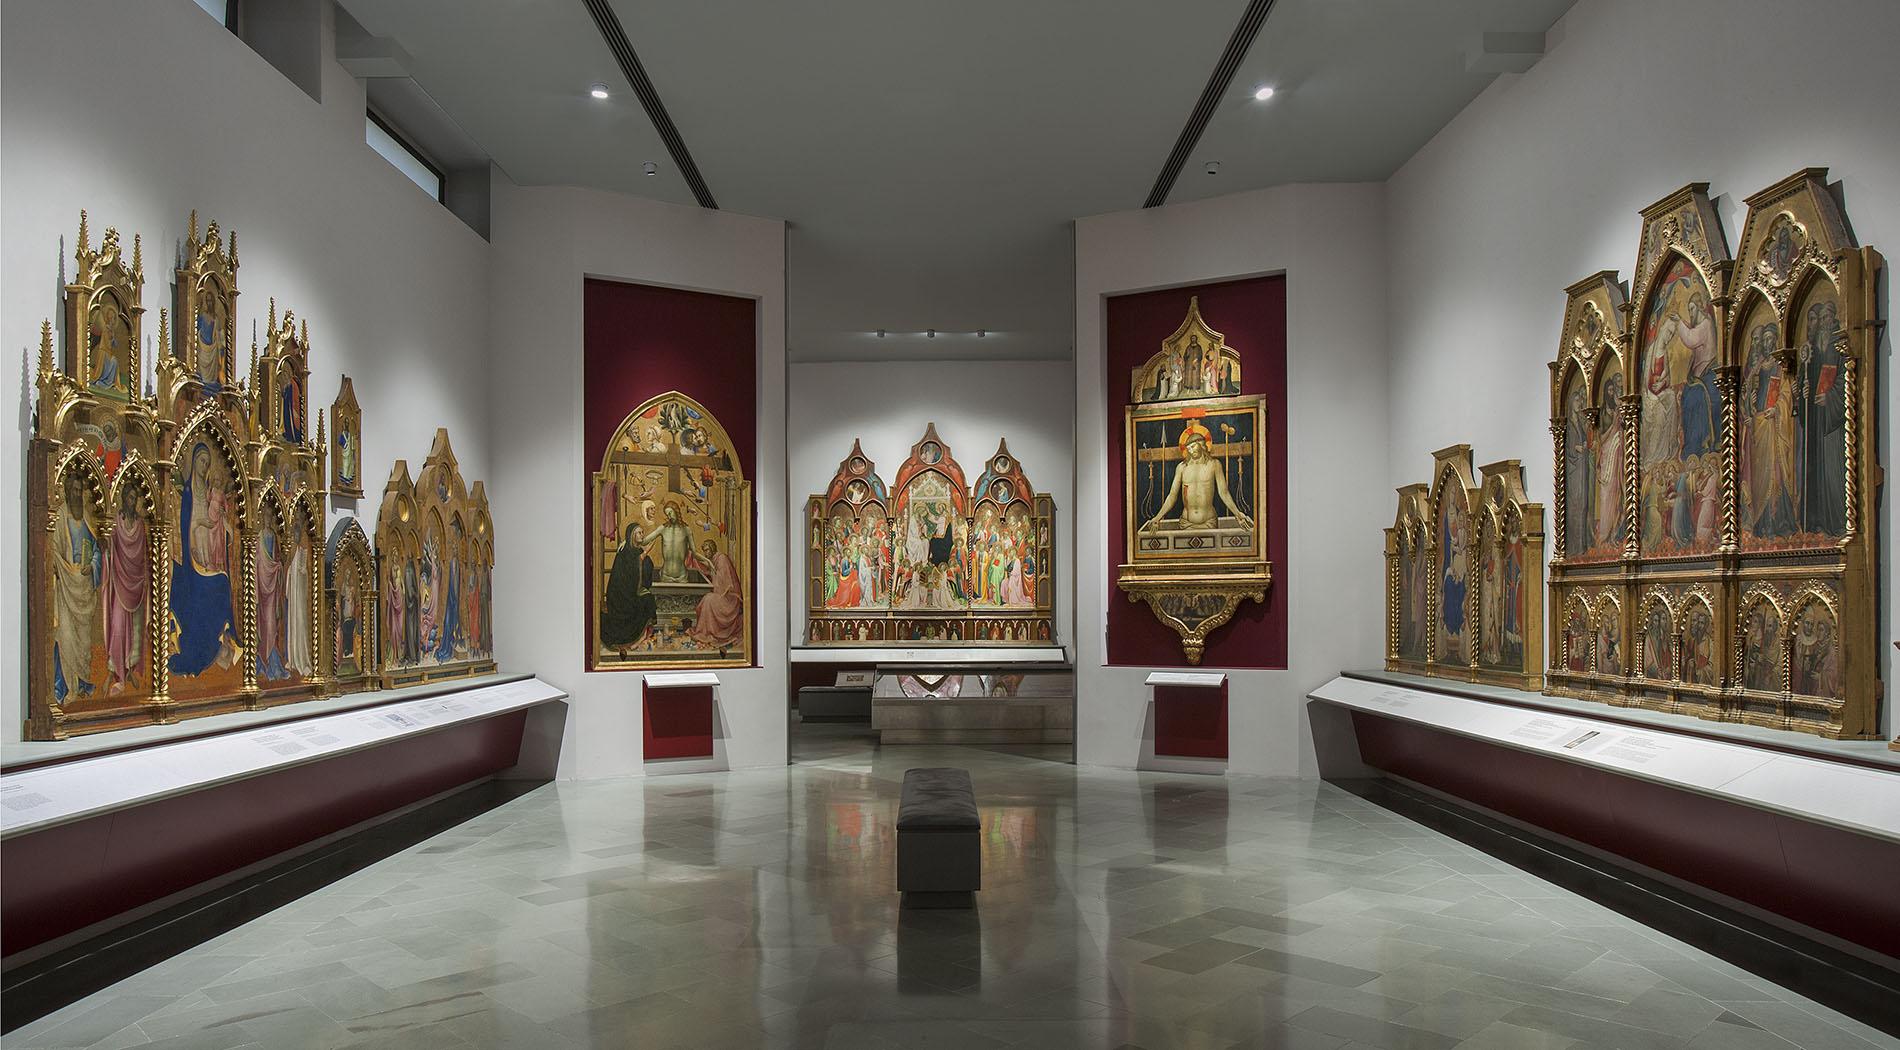 Presto di potrà tornare ad ammirare lo splendido Tardogotico fiorentino alla Galleria dell'Accademia di Firenze